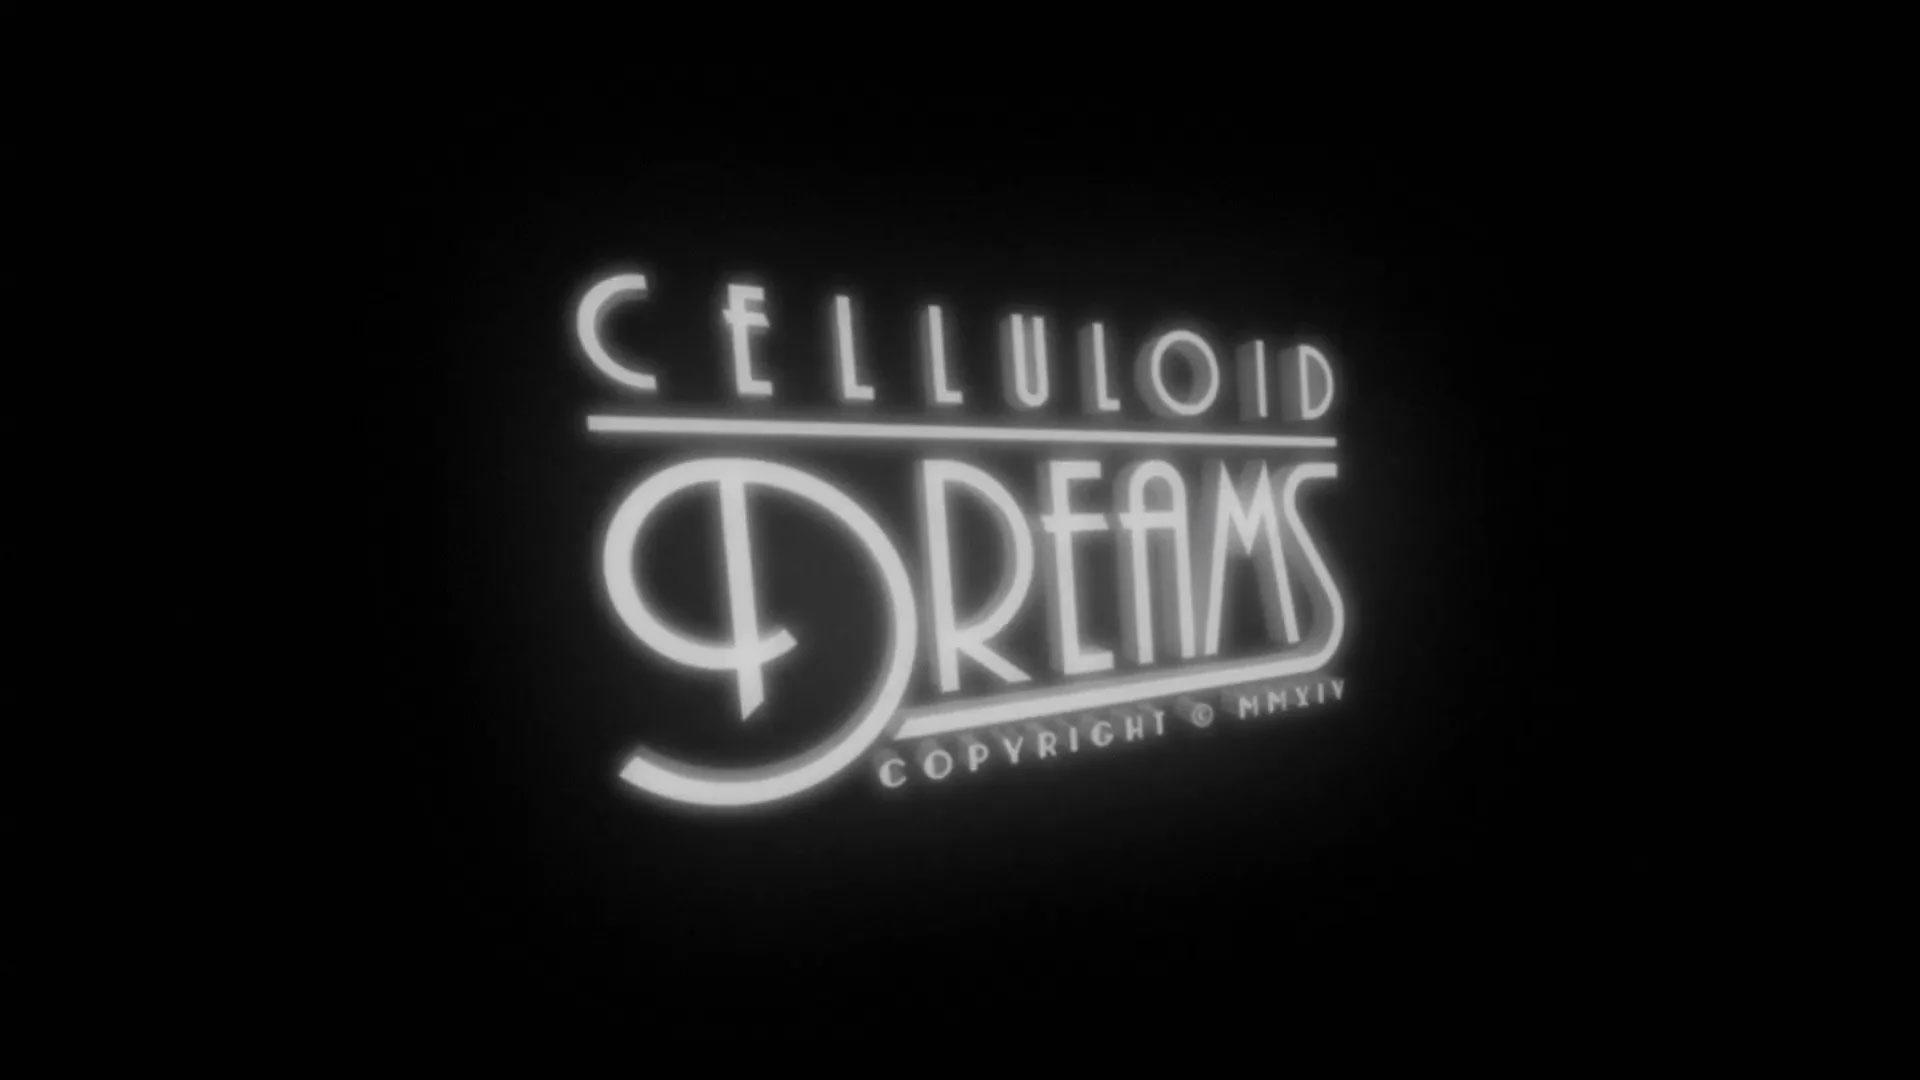 Celluloid Dreams title design